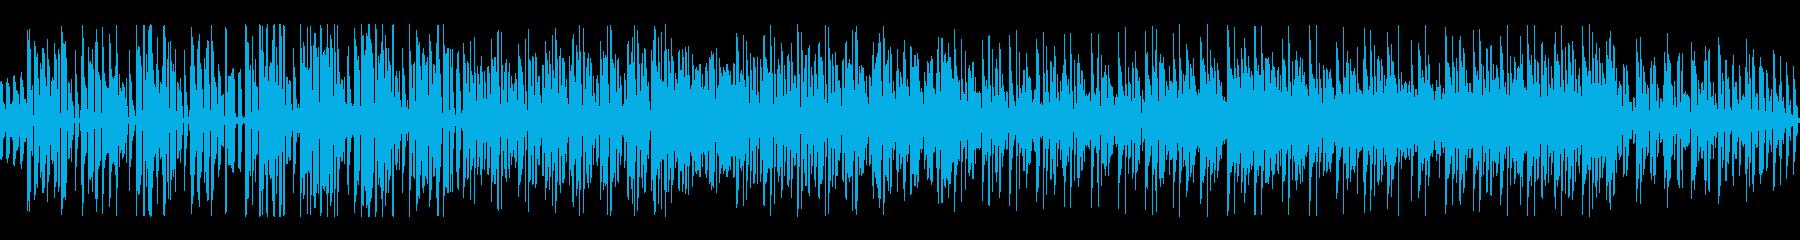 軽快で爽やかなハウスの無限ループの再生済みの波形